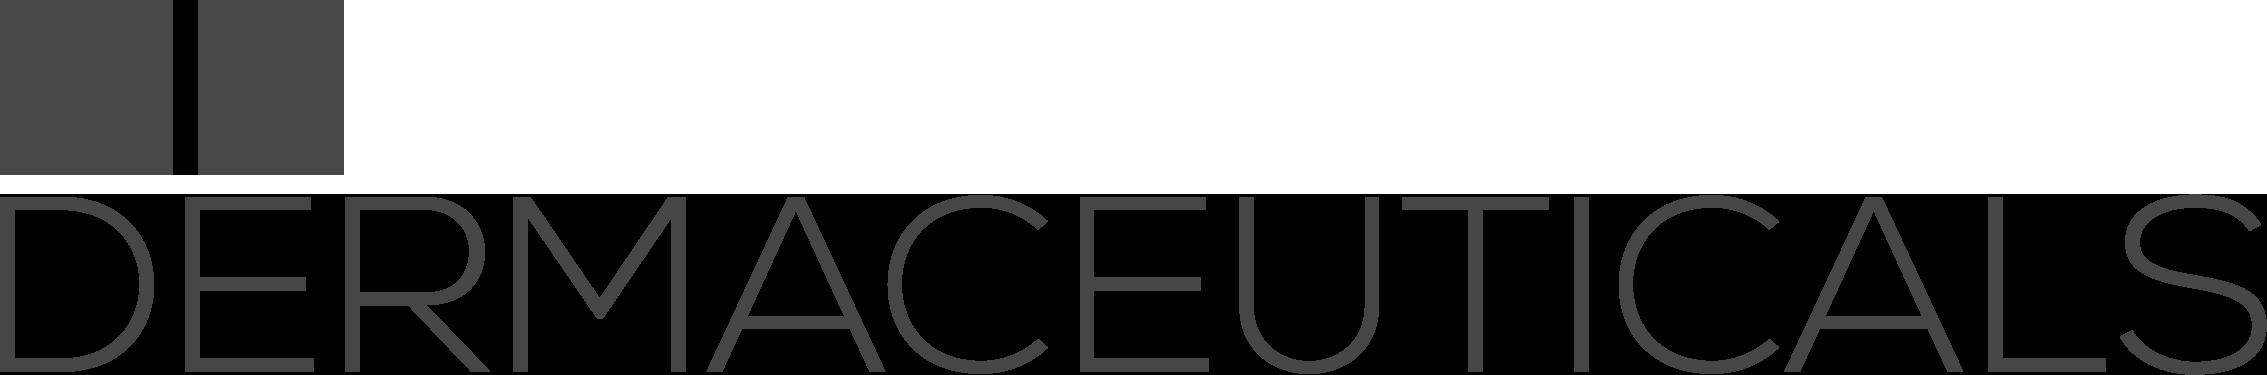 MT Dermaceuticals Logo